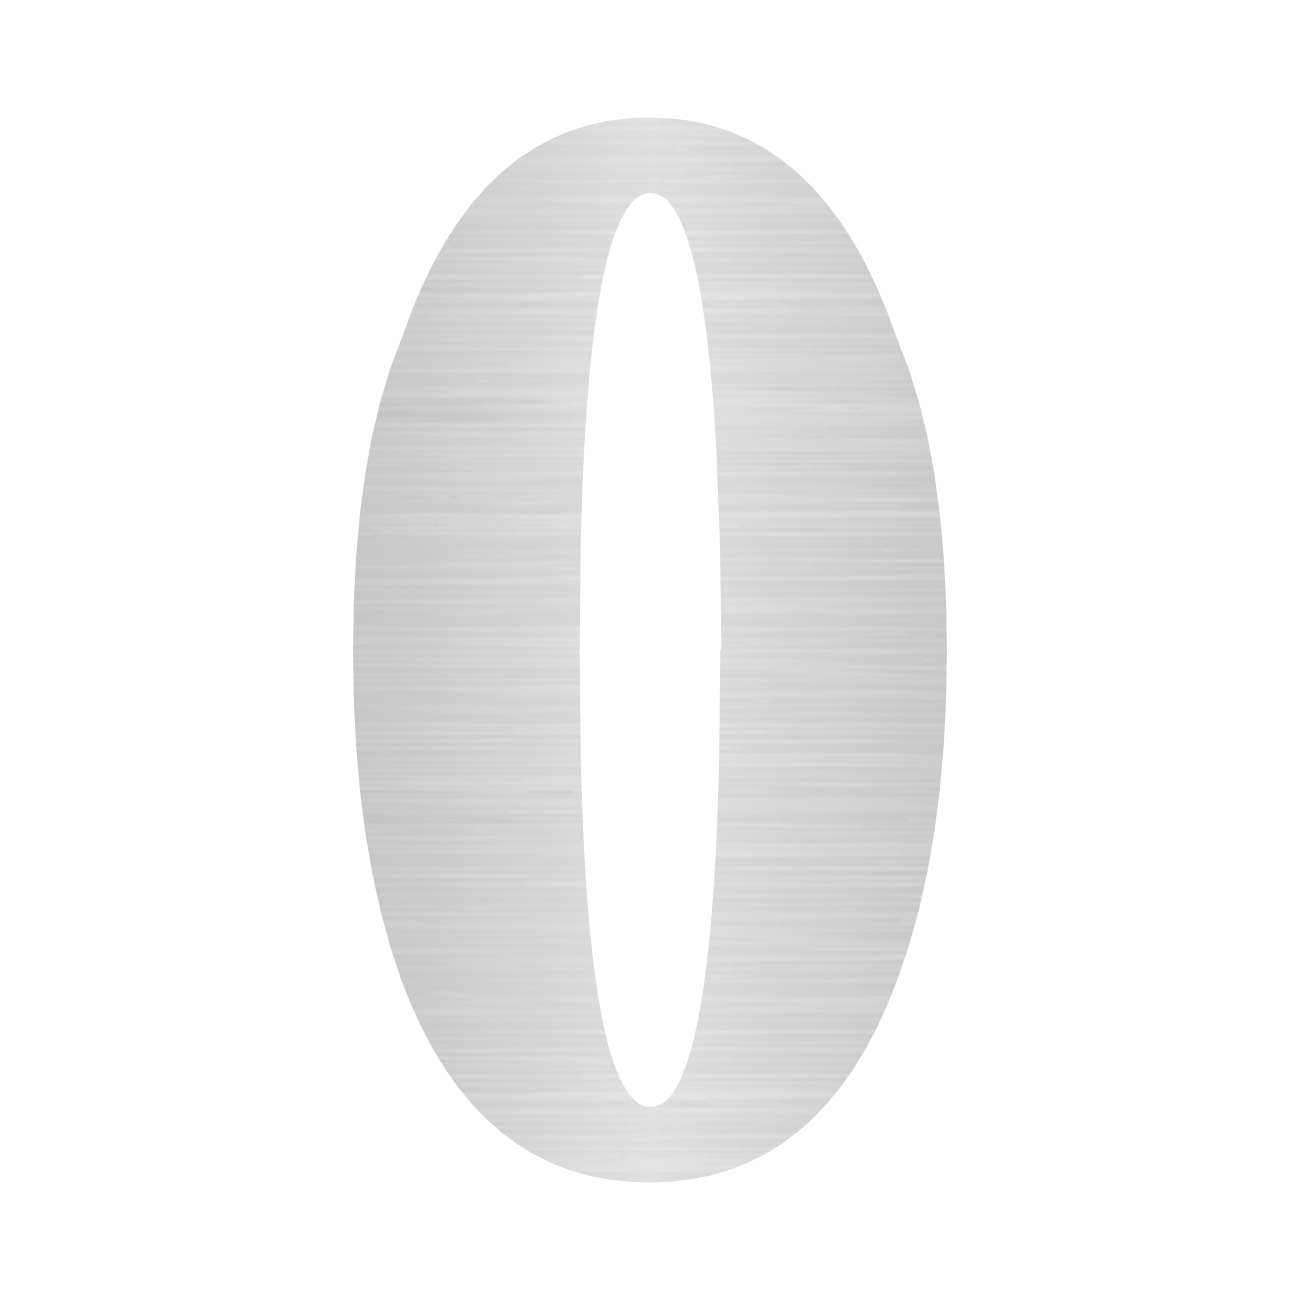 تابلو نشانگر مستر راد طرح پلاک واحد شماره 0کد 00 S